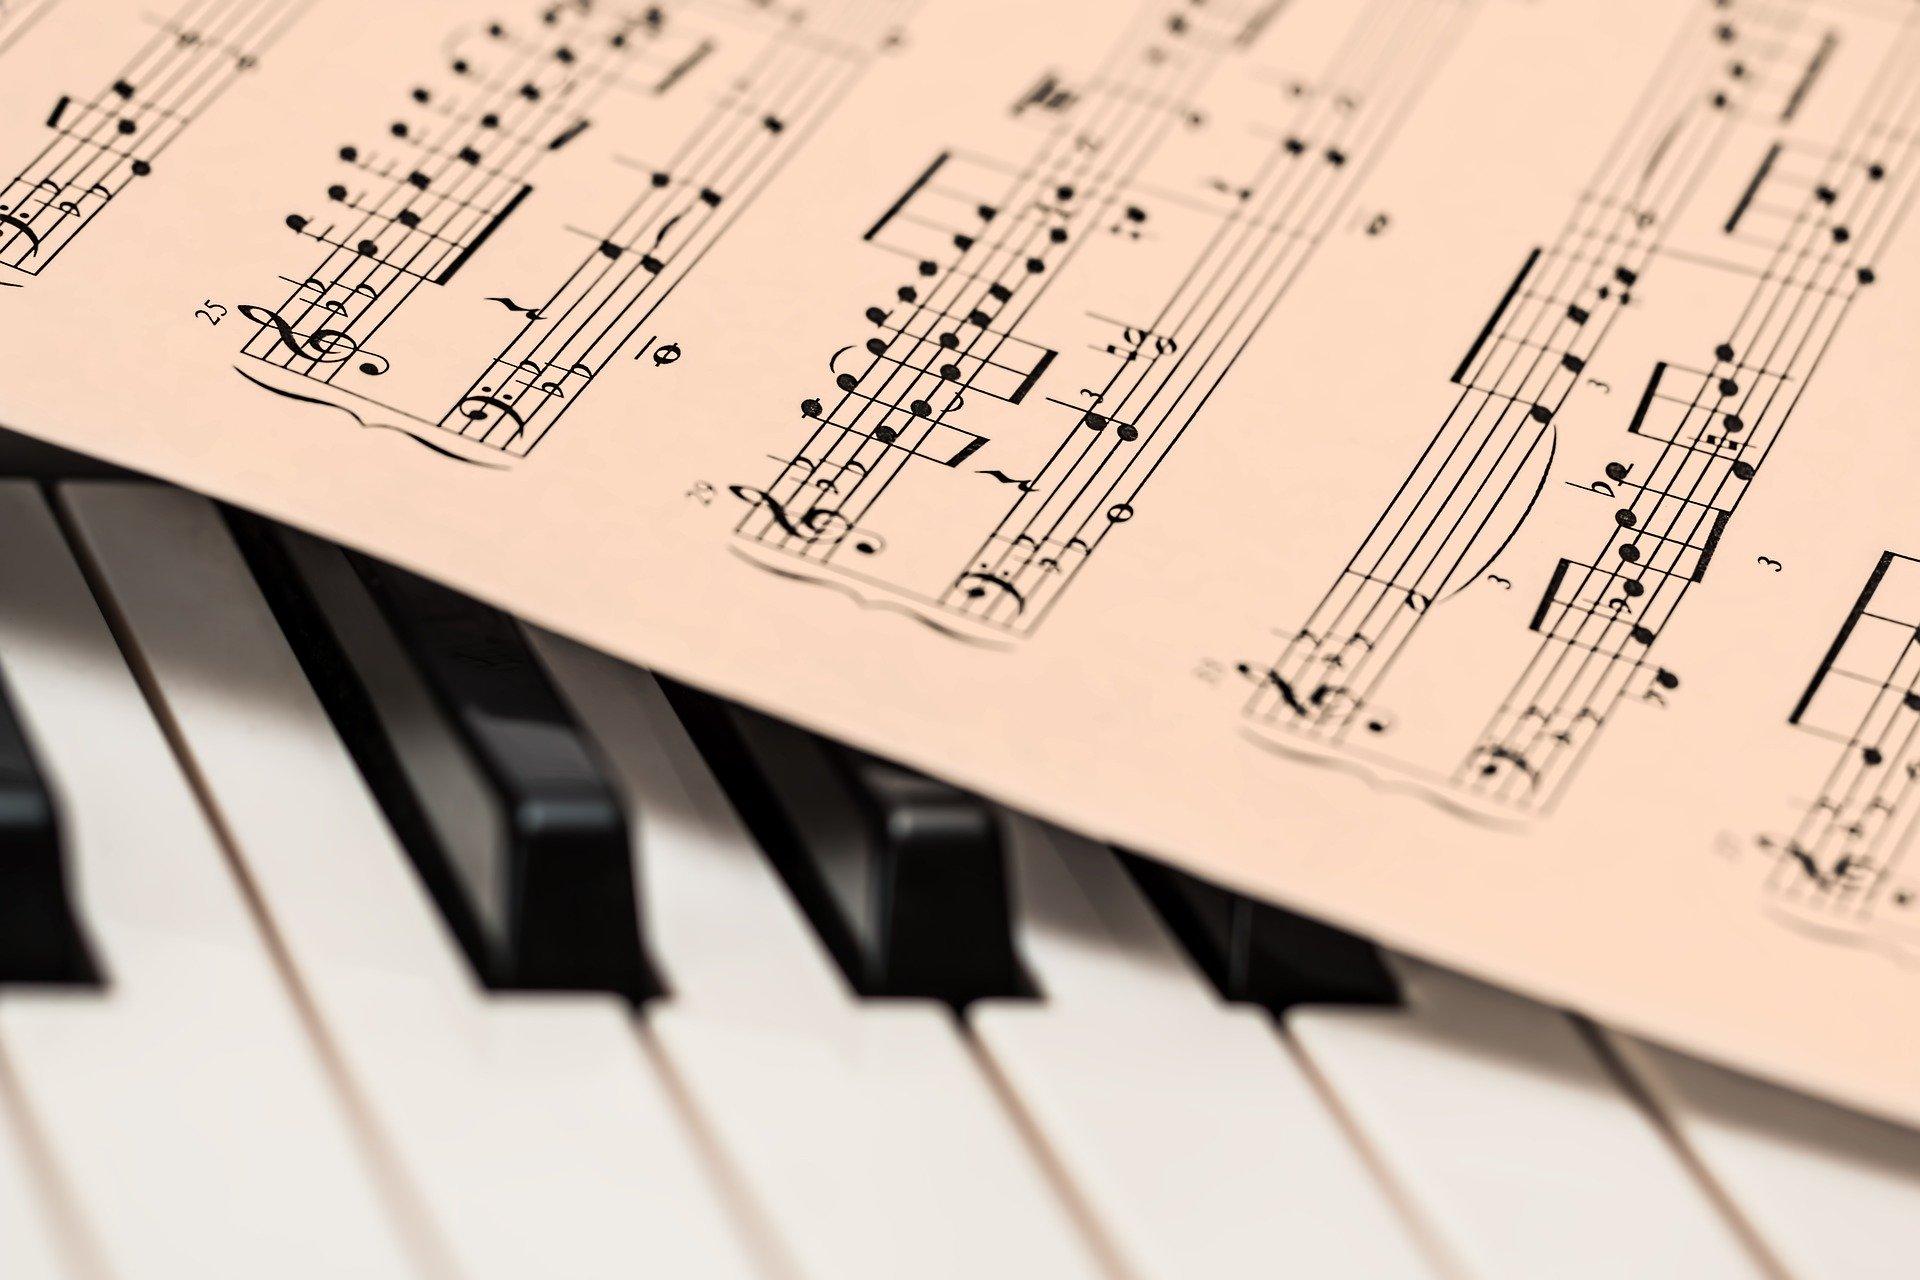 【ピアノ初心者向け】楽譜をめちゃくちゃ読みやすくする方法